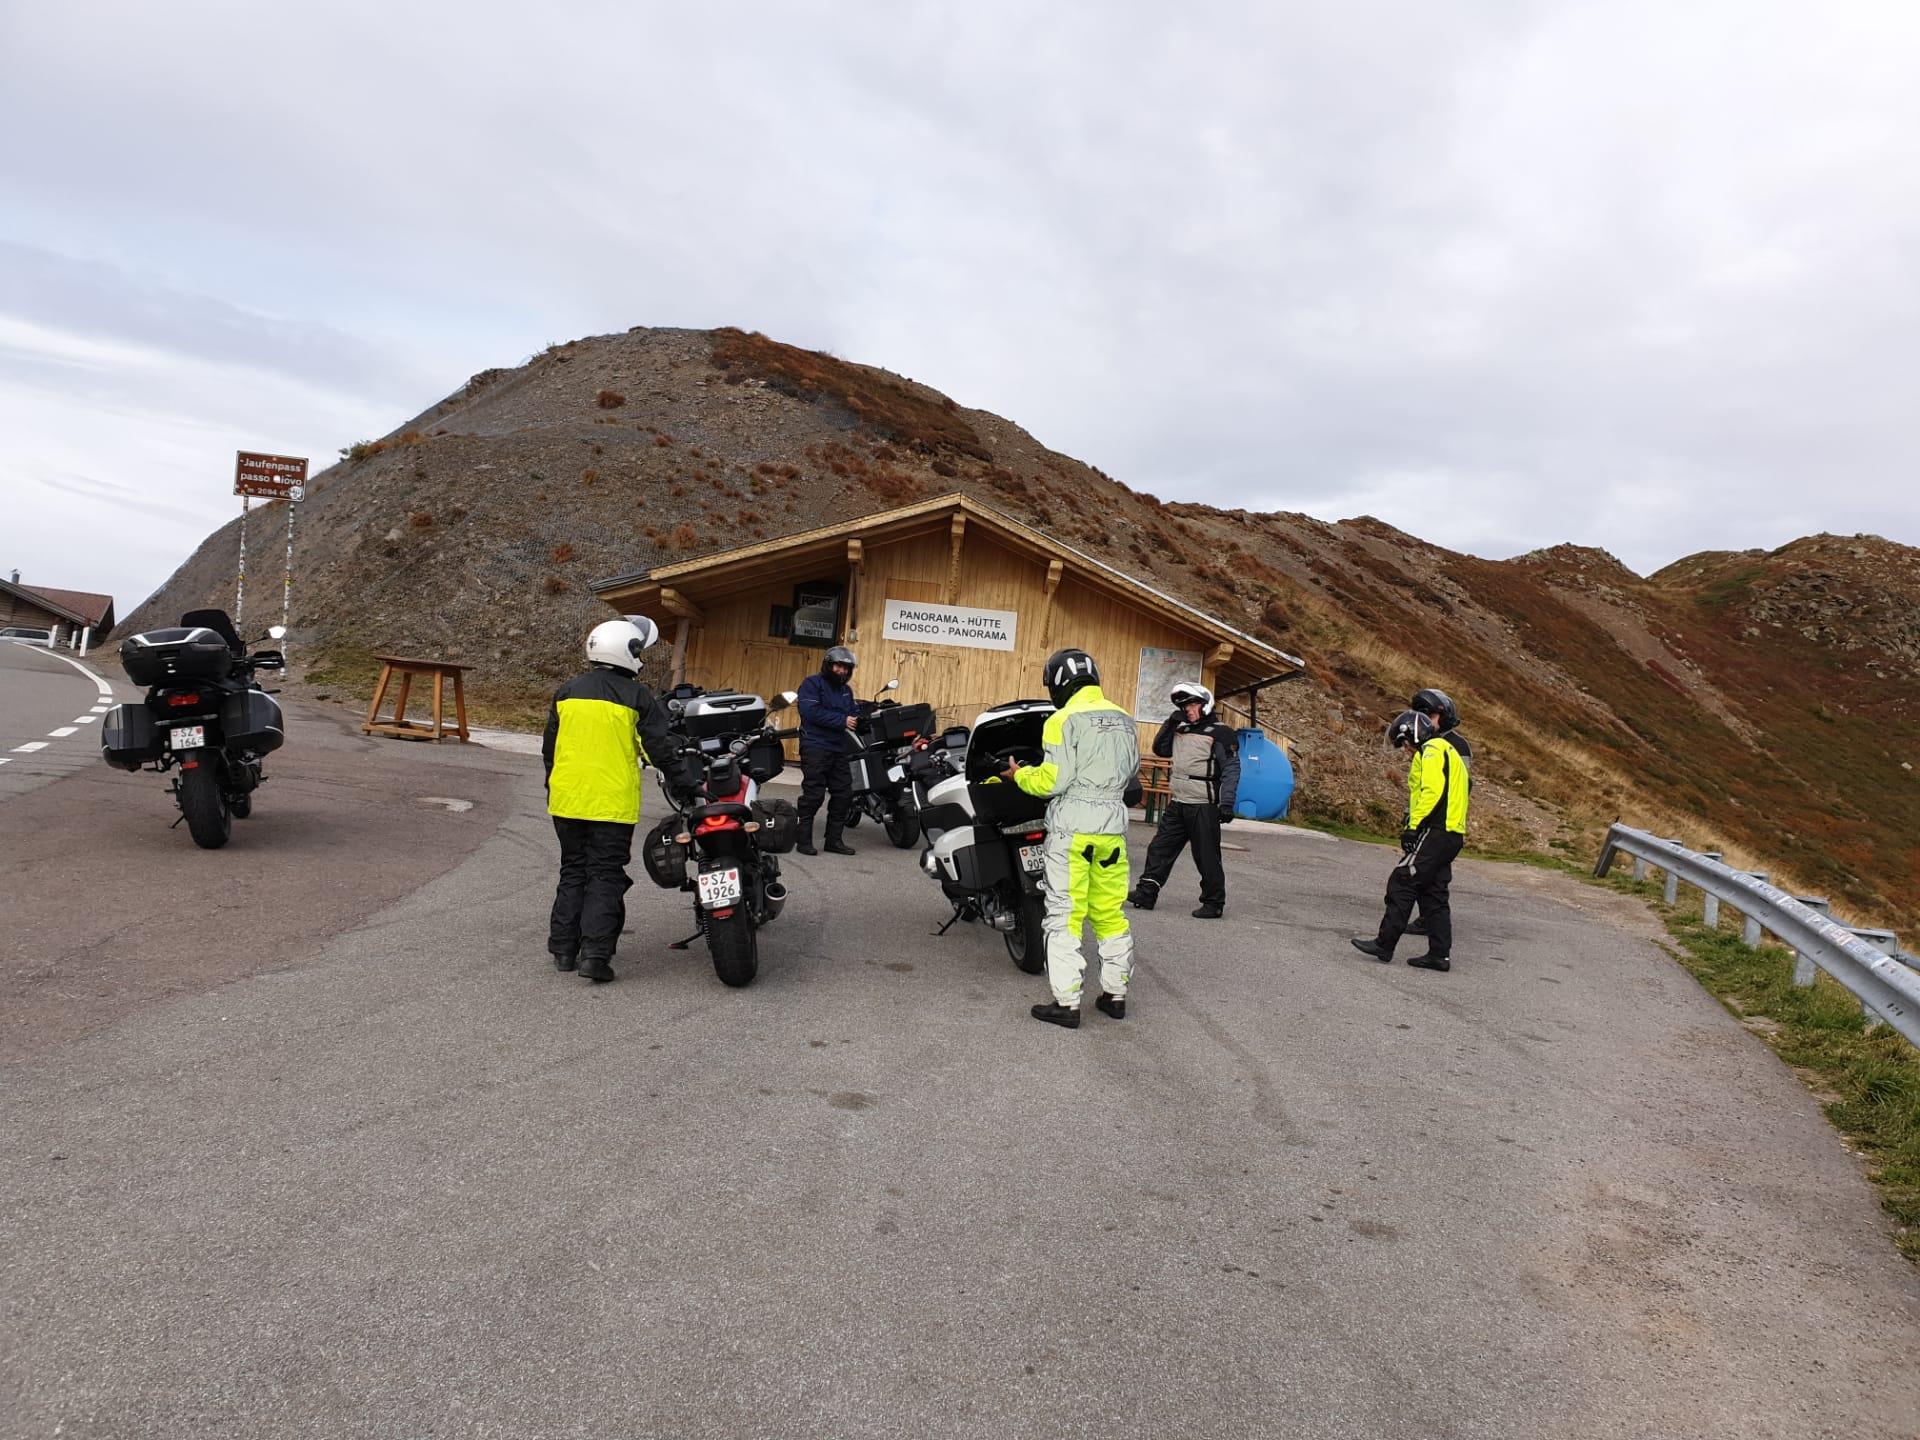 20190922-Viertäger_Trentino_(28)